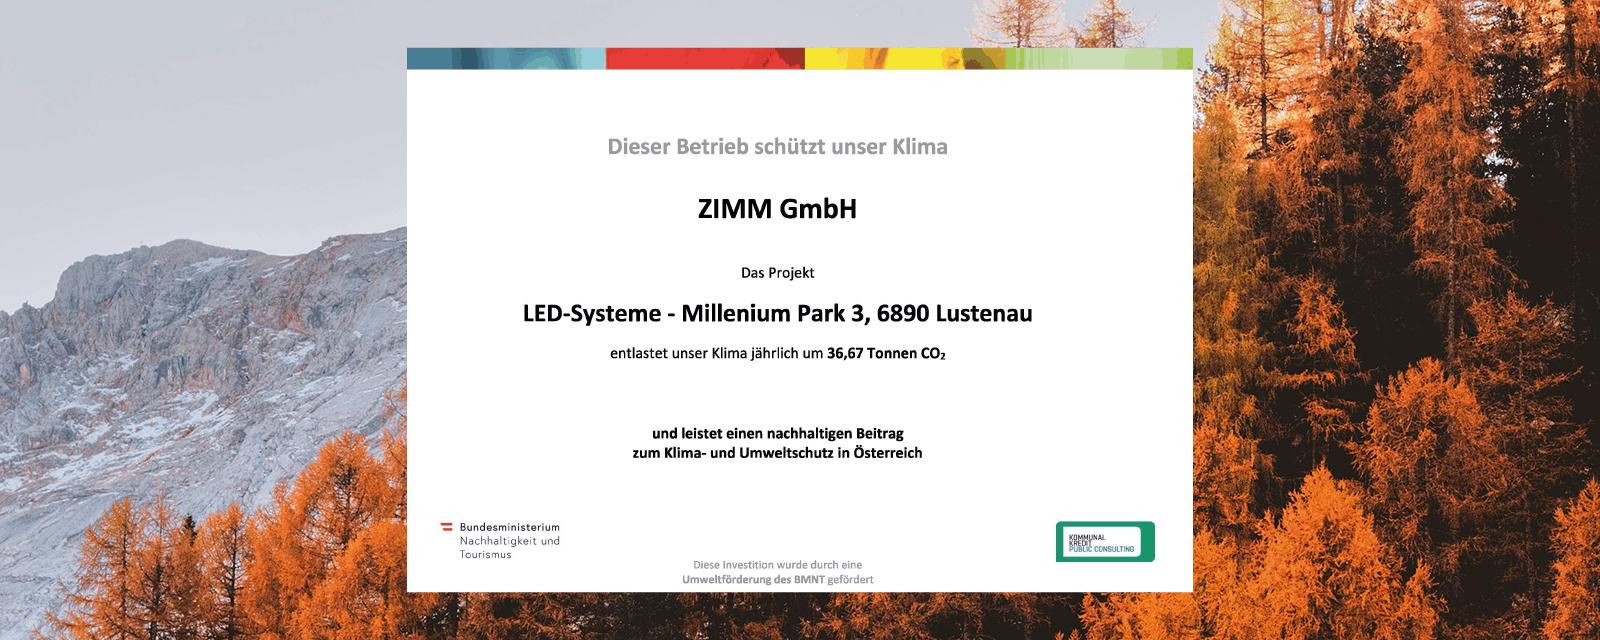 #mission2030 | aktive Unterstützung durch ZIMM